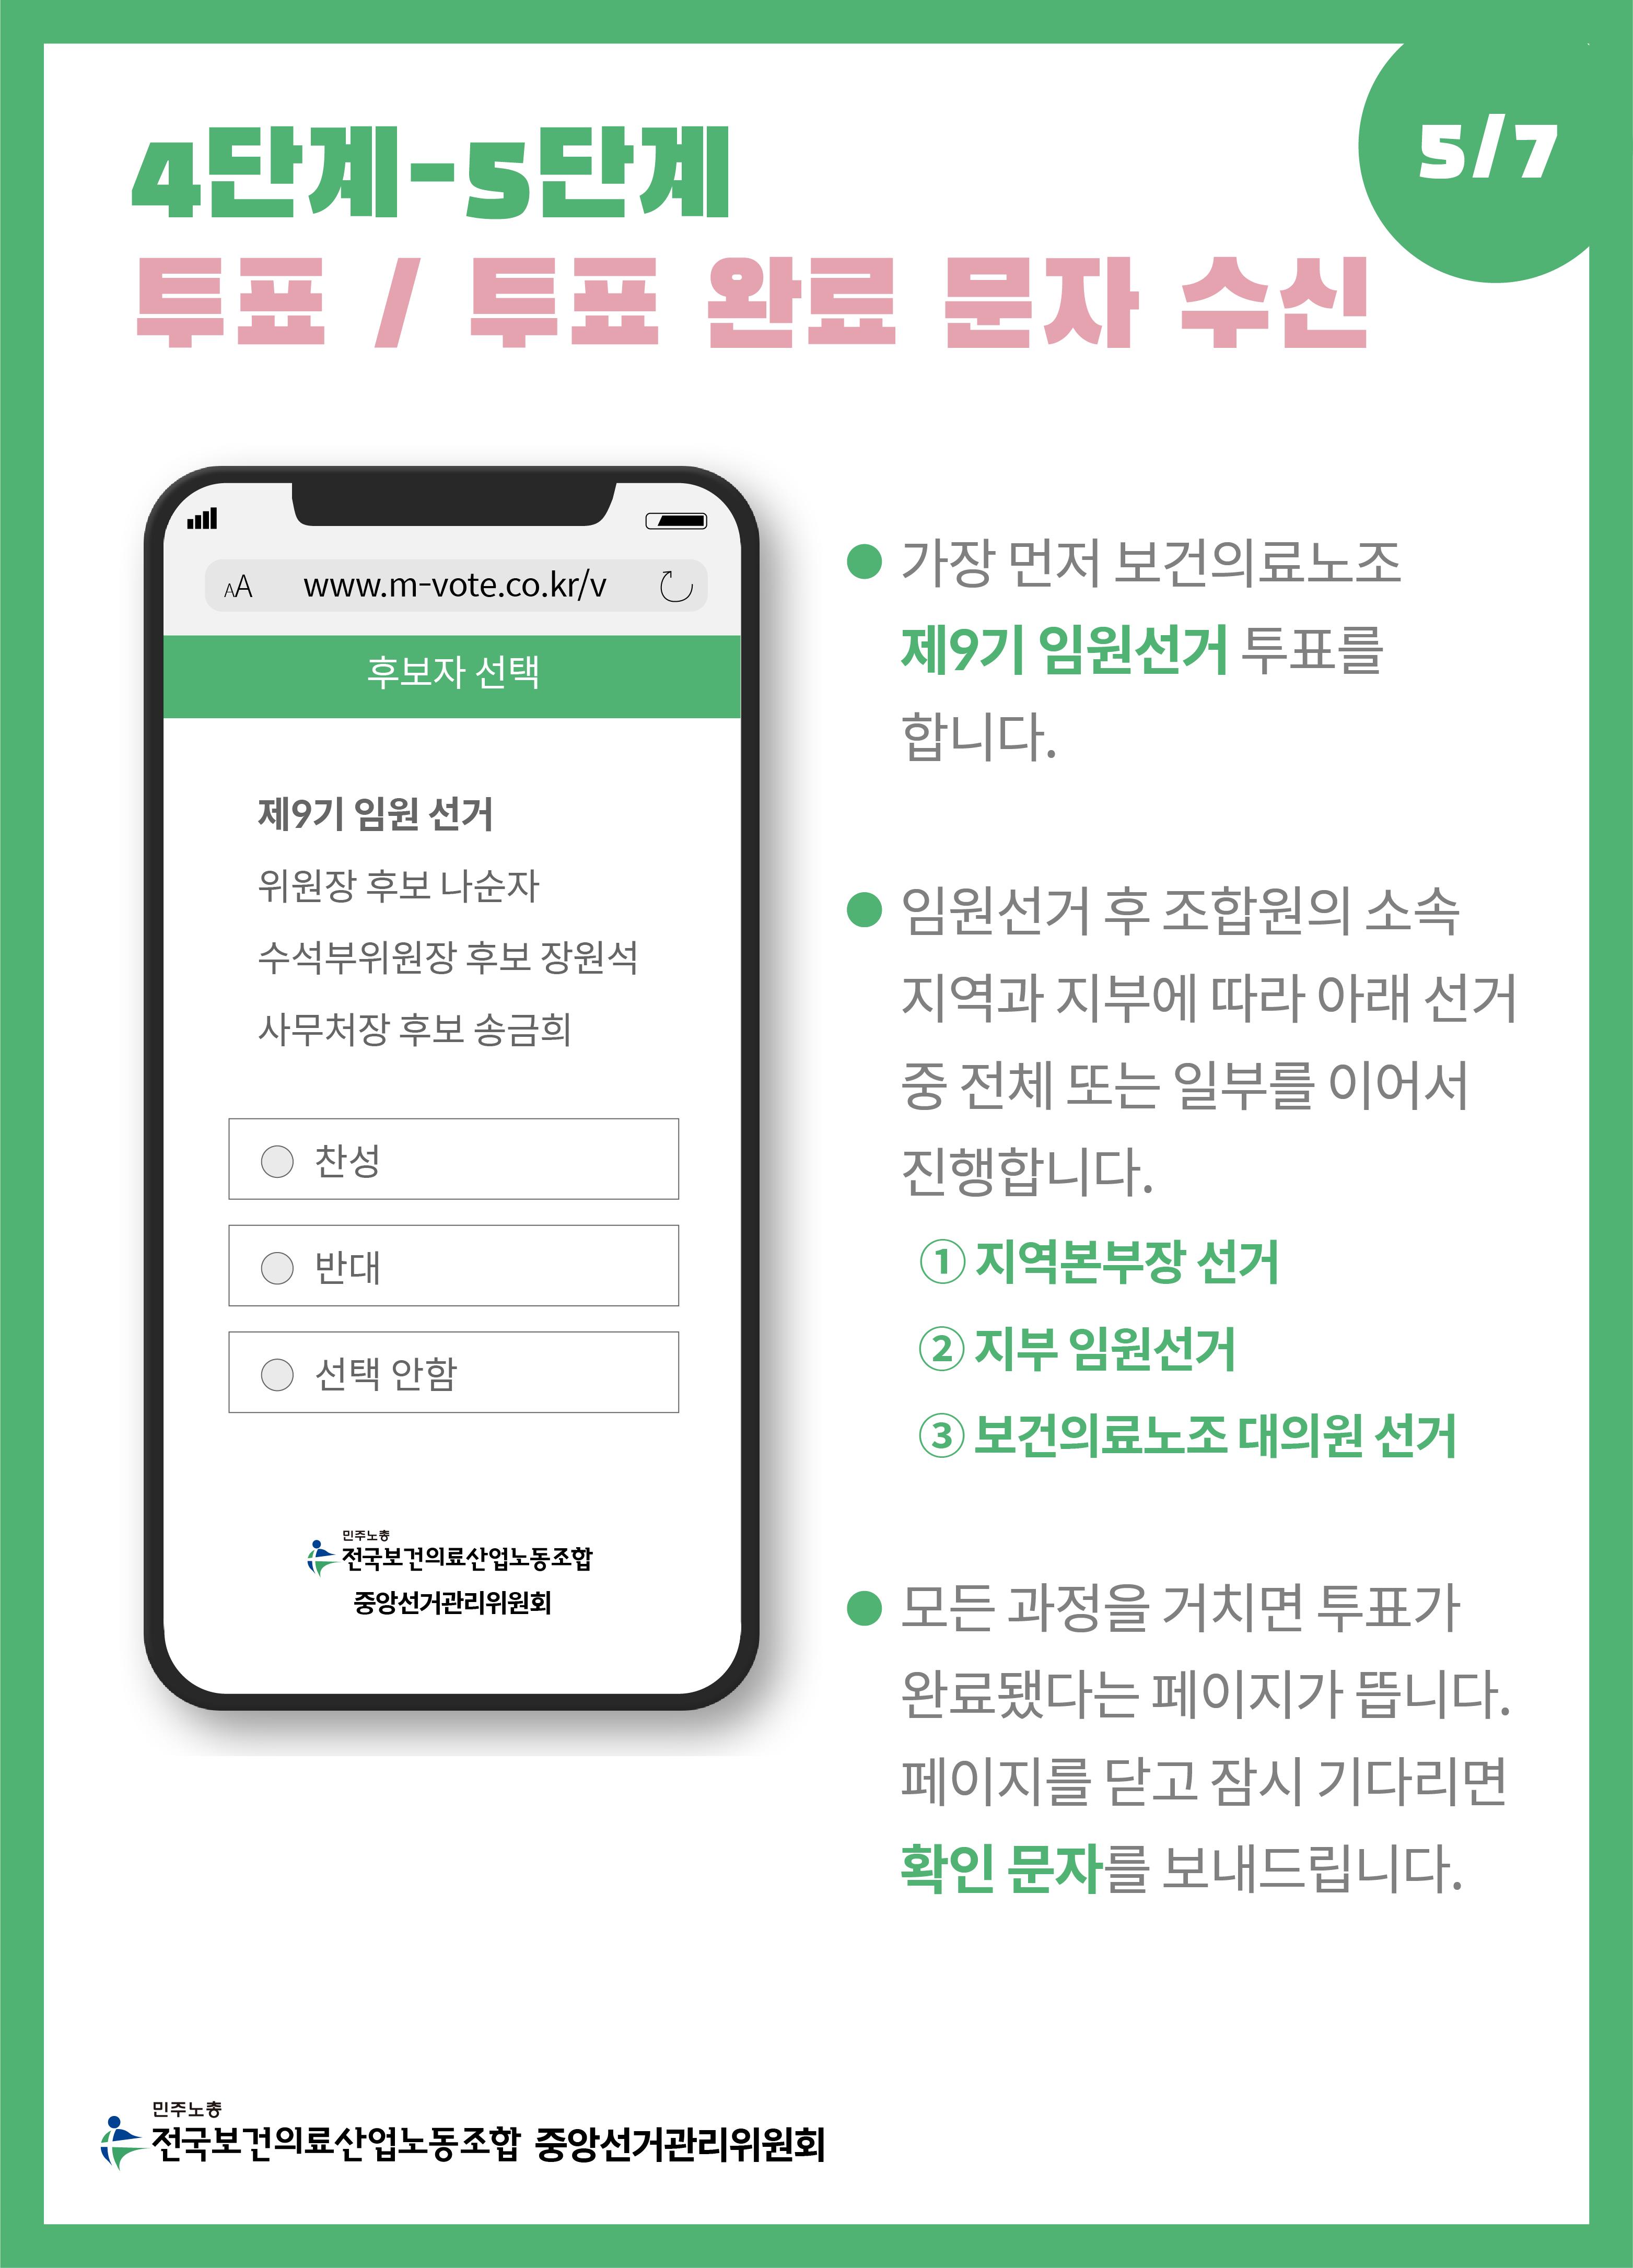 모바일투표 카드뉴스_대지 1 사본 4.png